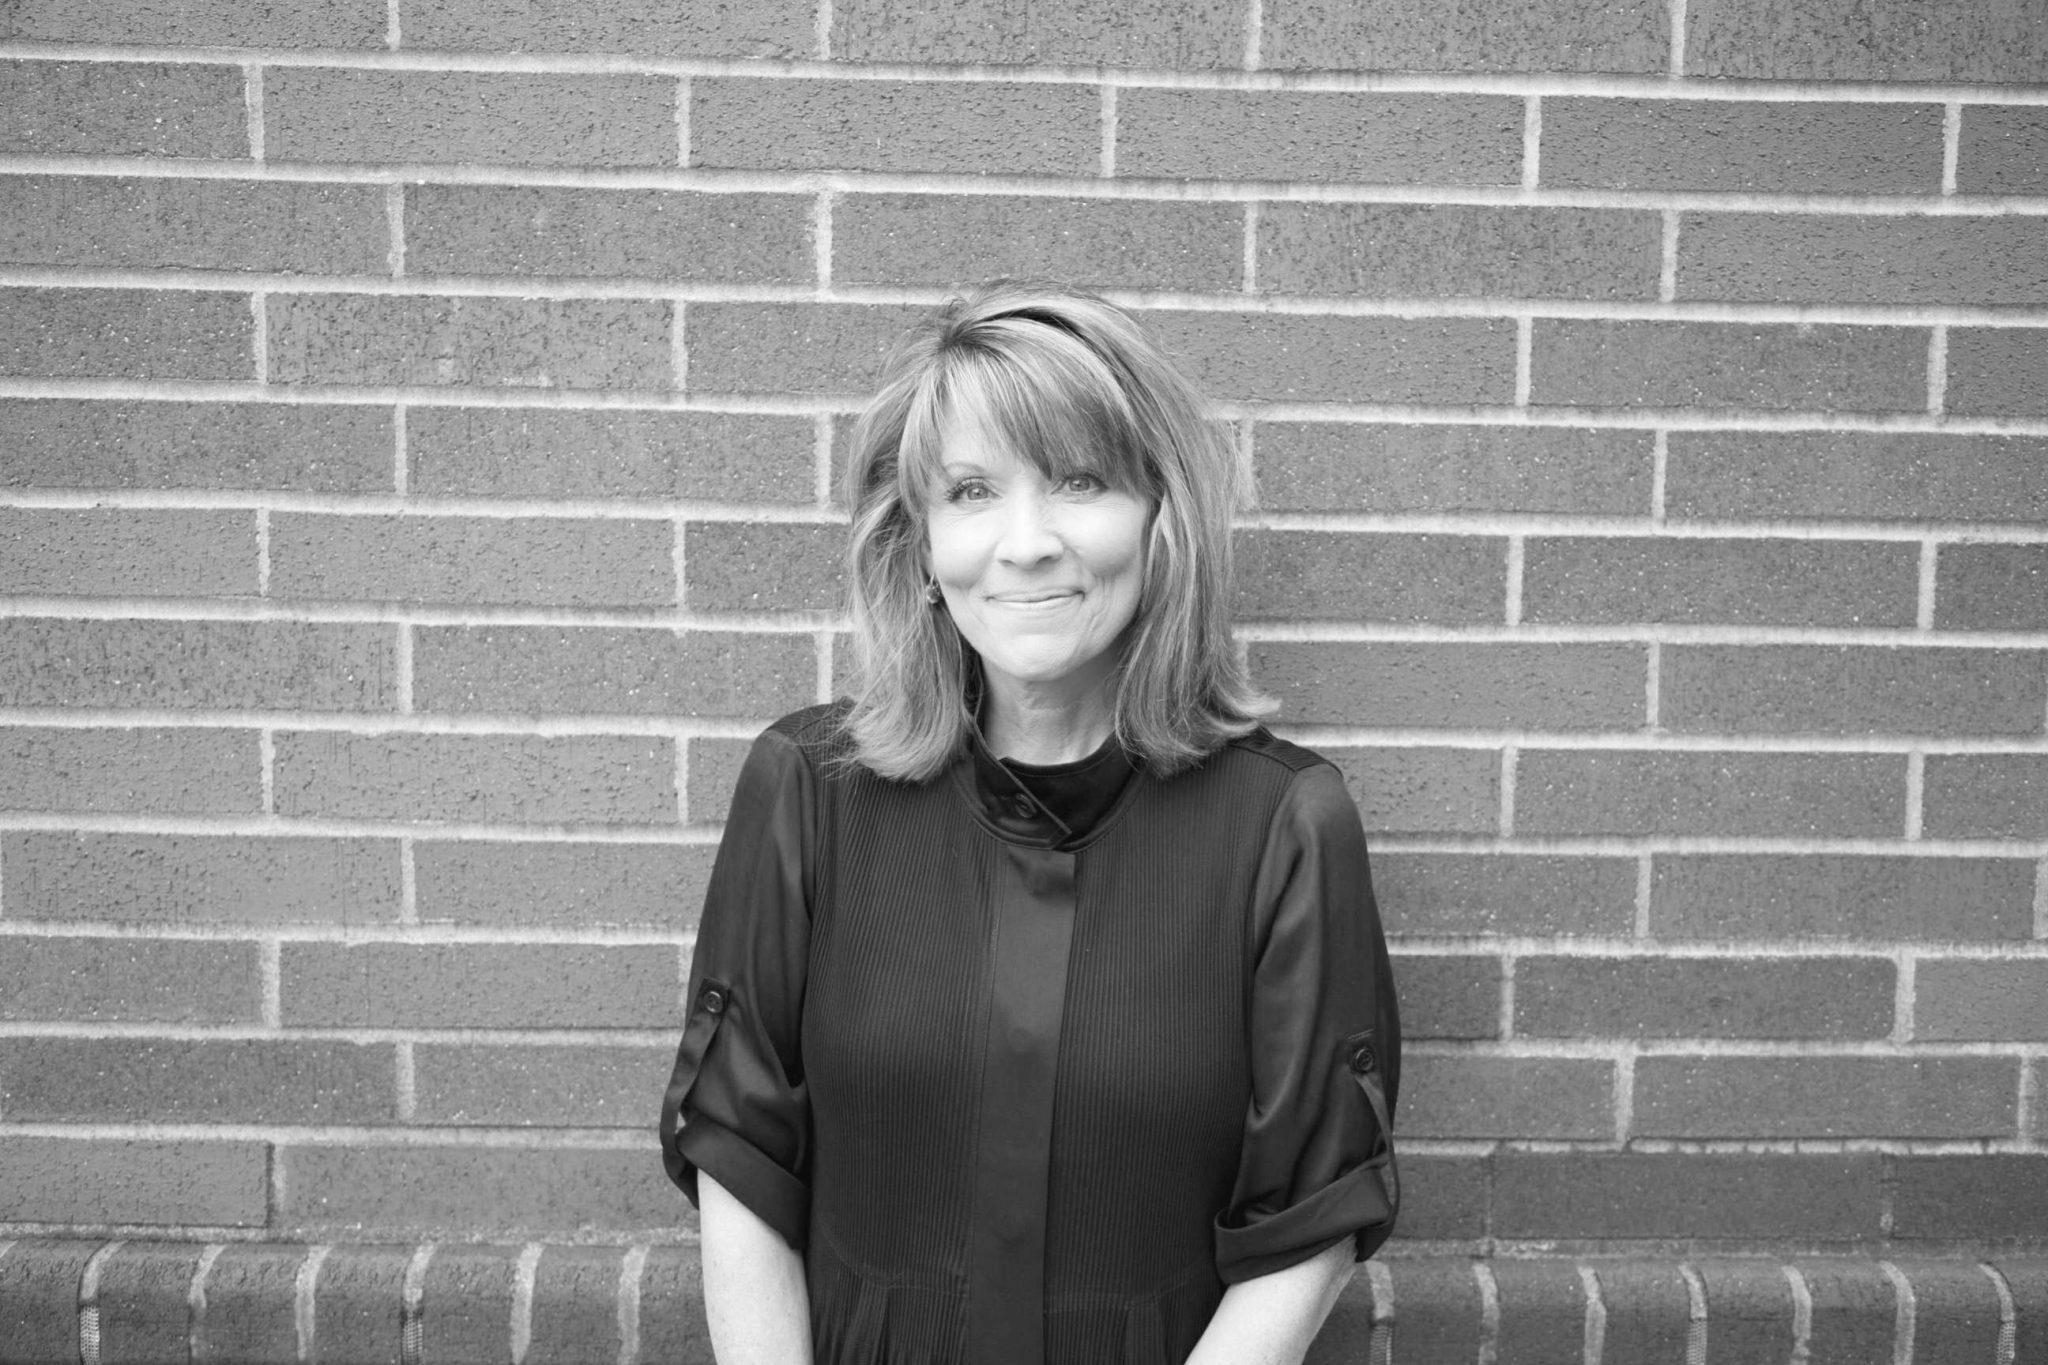 Linda Heisler